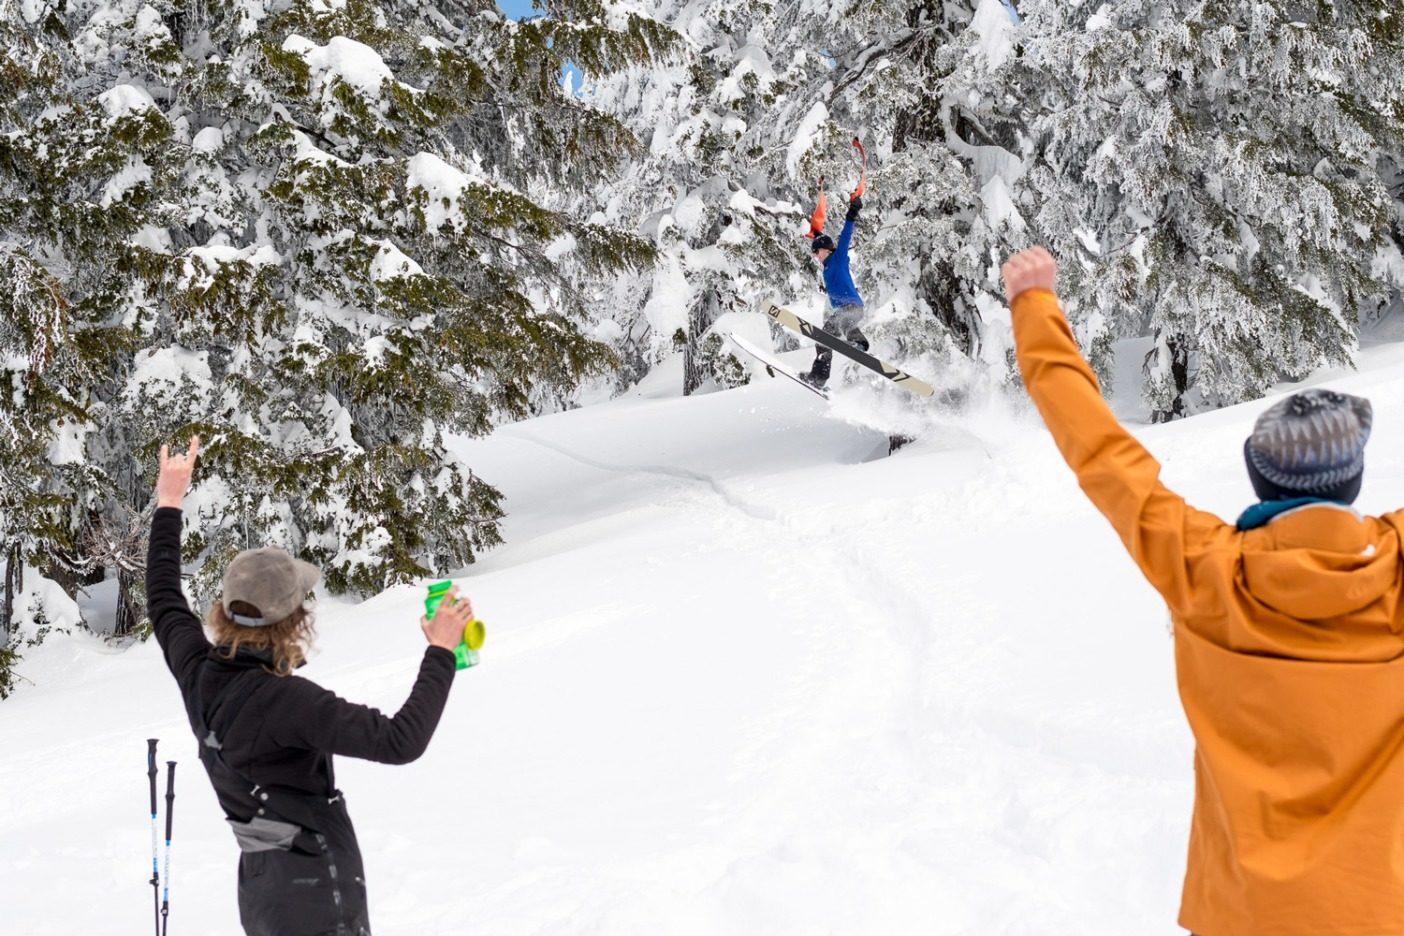 自然の中で寝泊まりしていると、必ずふざけて遊ぶ時間がある。マリー=フランス・ロイがこの小さな踏切台をキャンプの少し上に作り、リア・エヴァンスがスキンを手にそこから飛び出す。この後、また別のツアーに出かけた。Photo: Colin Wiseman